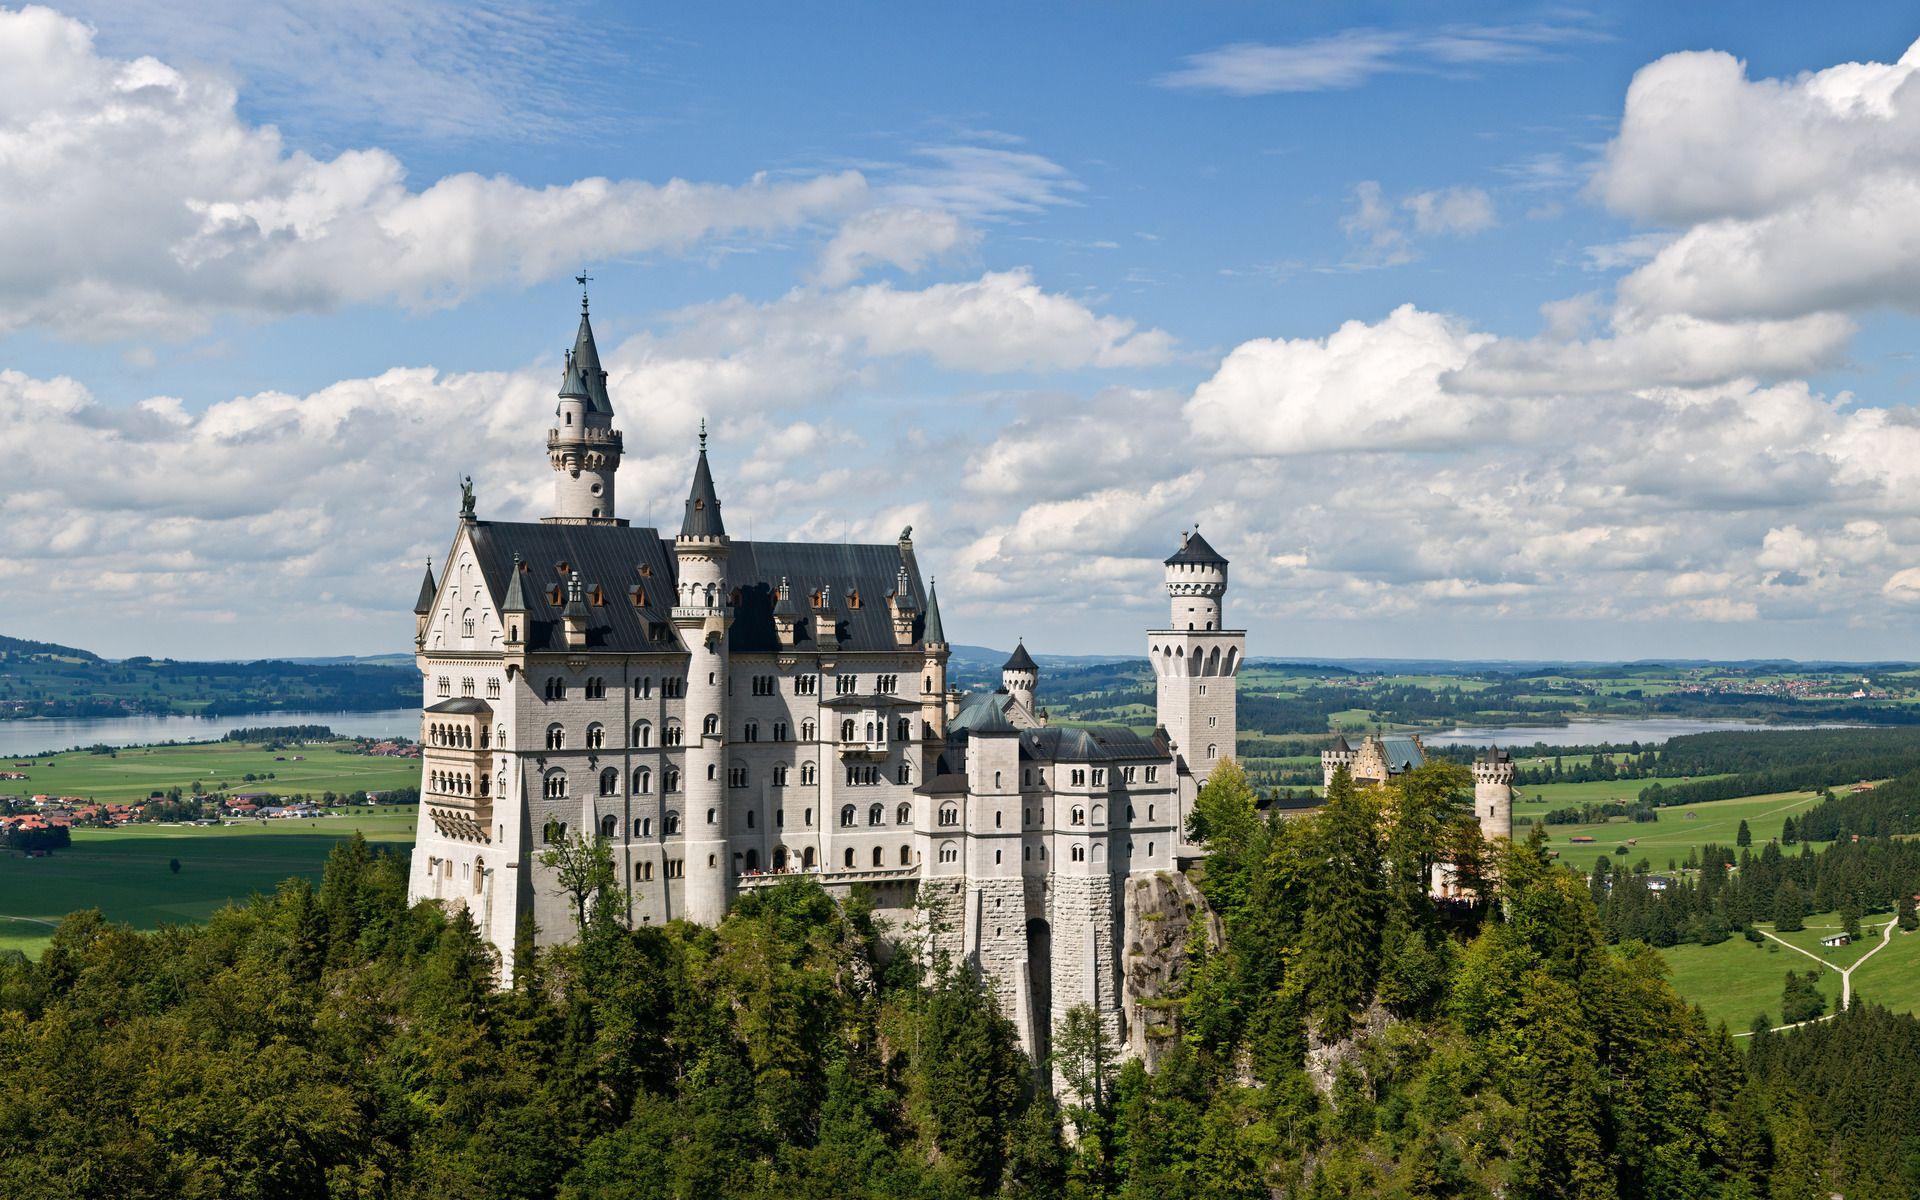 Neuschwanstein Castle Websitedirections Hill Castle In Schwangau Germany Deutschland Burgen Allgau Urlaub Burgen Und Schlosser